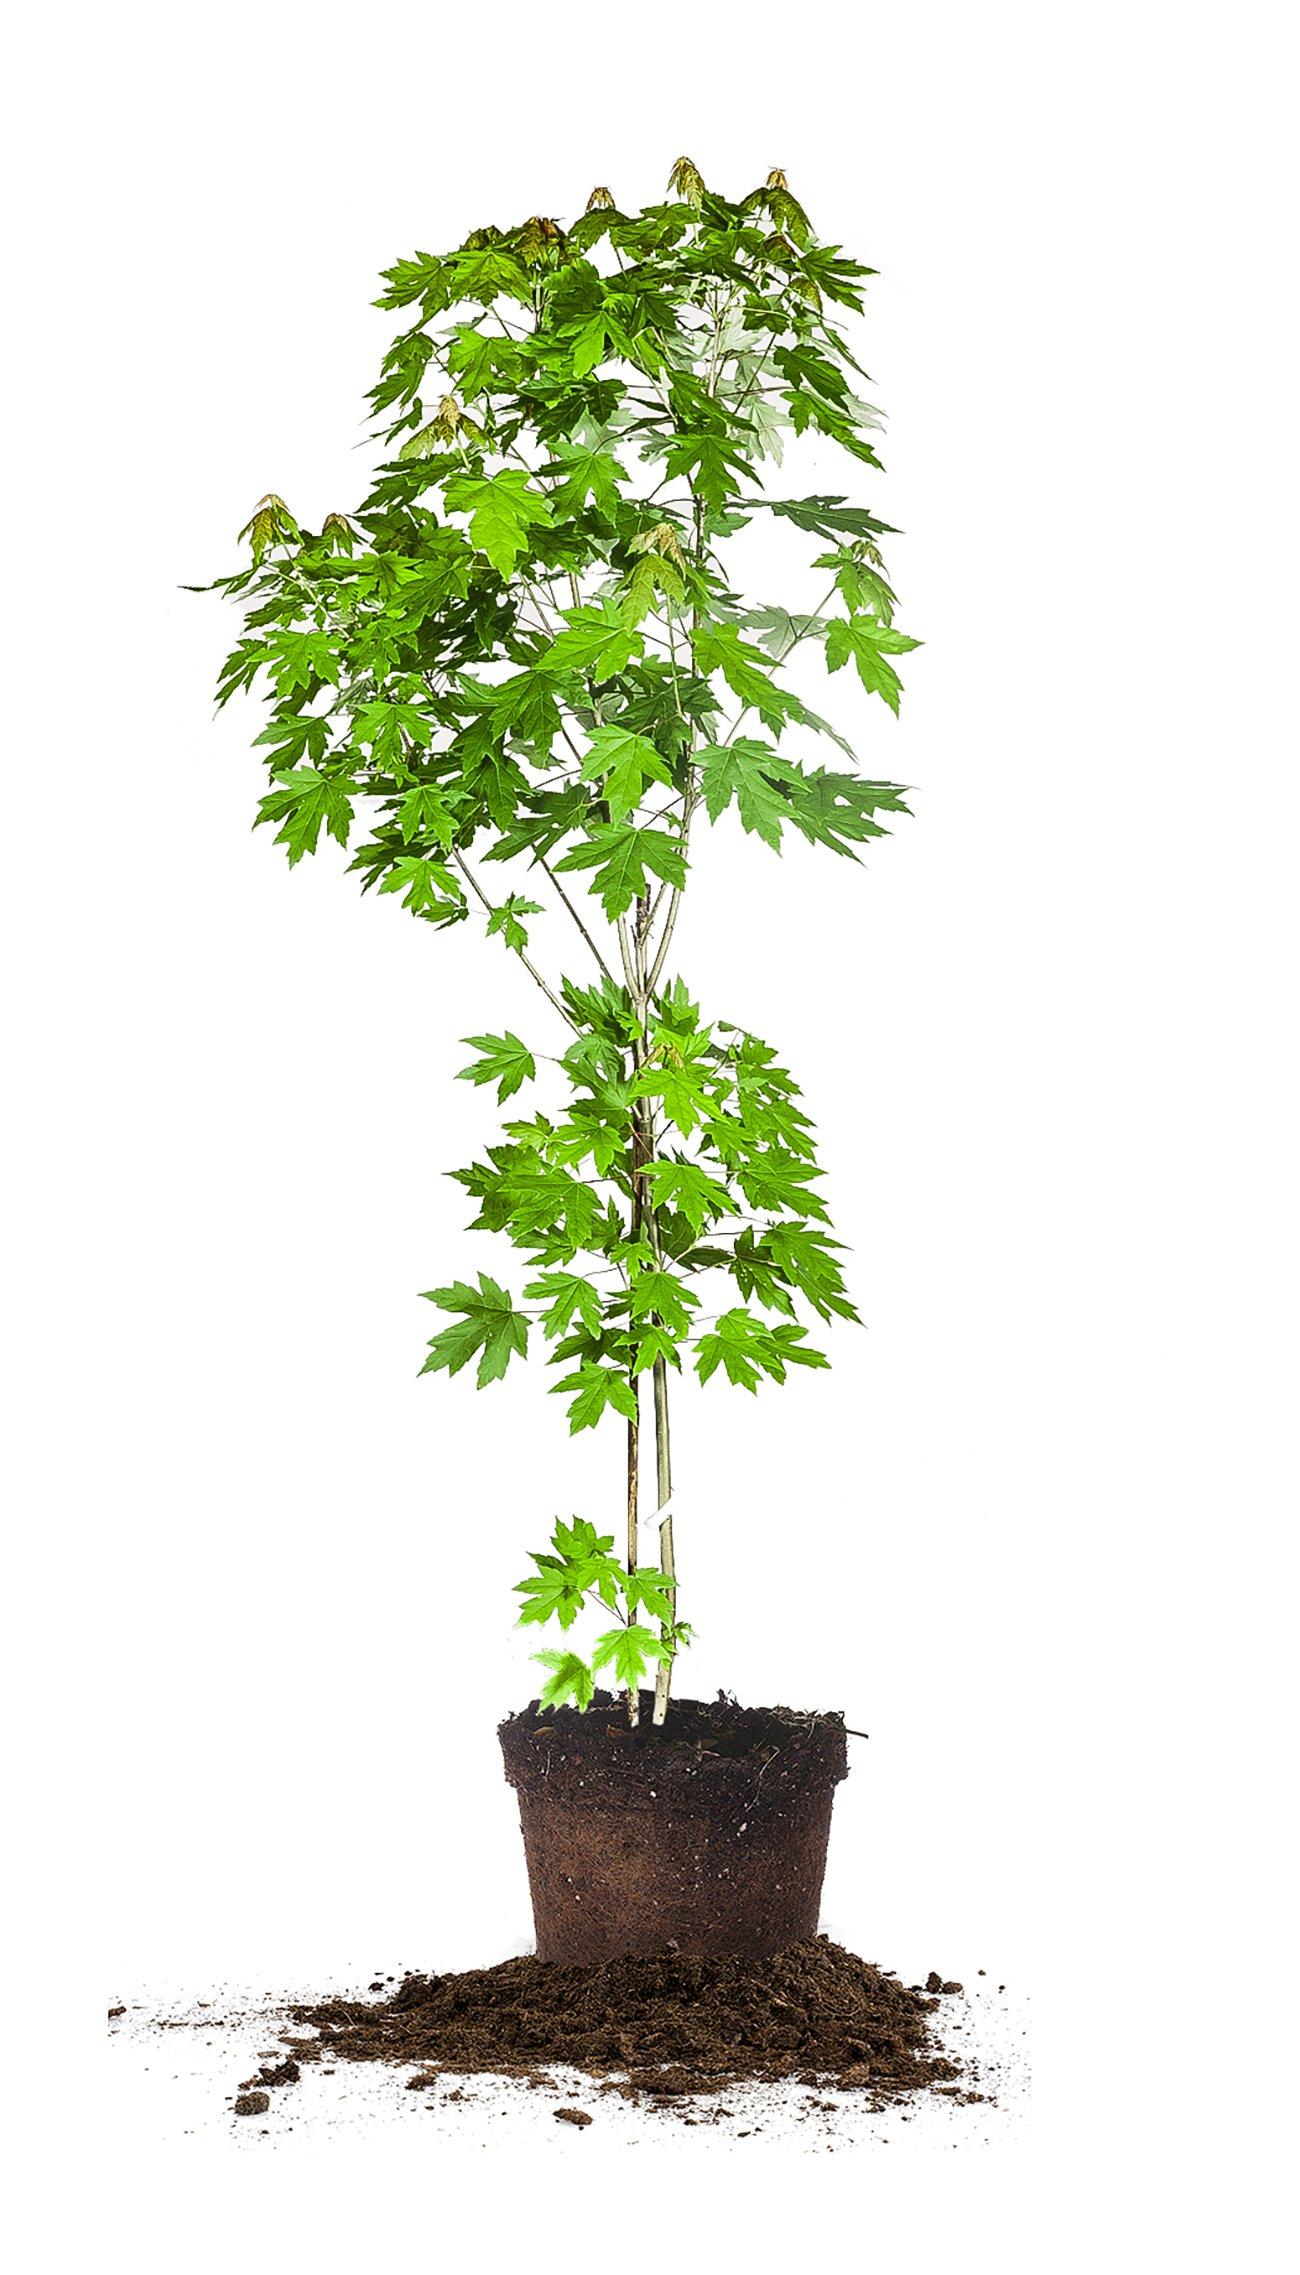 AUTUMN BLAZE MAPLE - Size: 5-6 ft, live plant, includes special blend fertilizer & planting guide